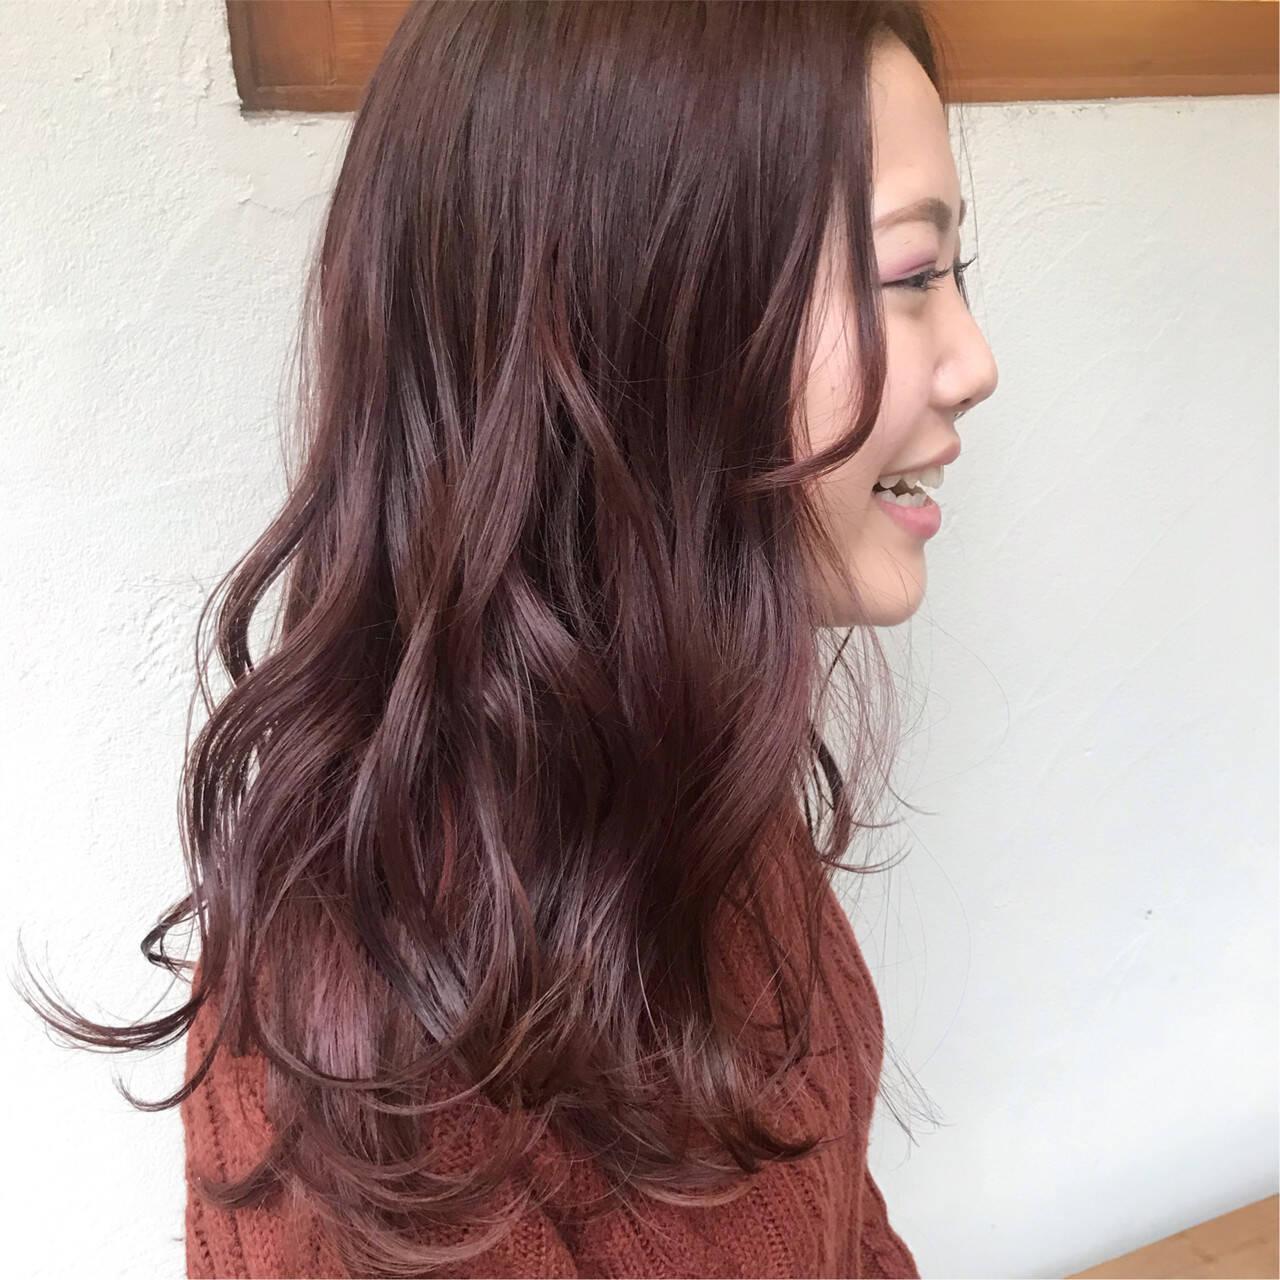 ピンクブラウン ベリーピンク ナチュラル ピンクヘアスタイルや髪型の写真・画像